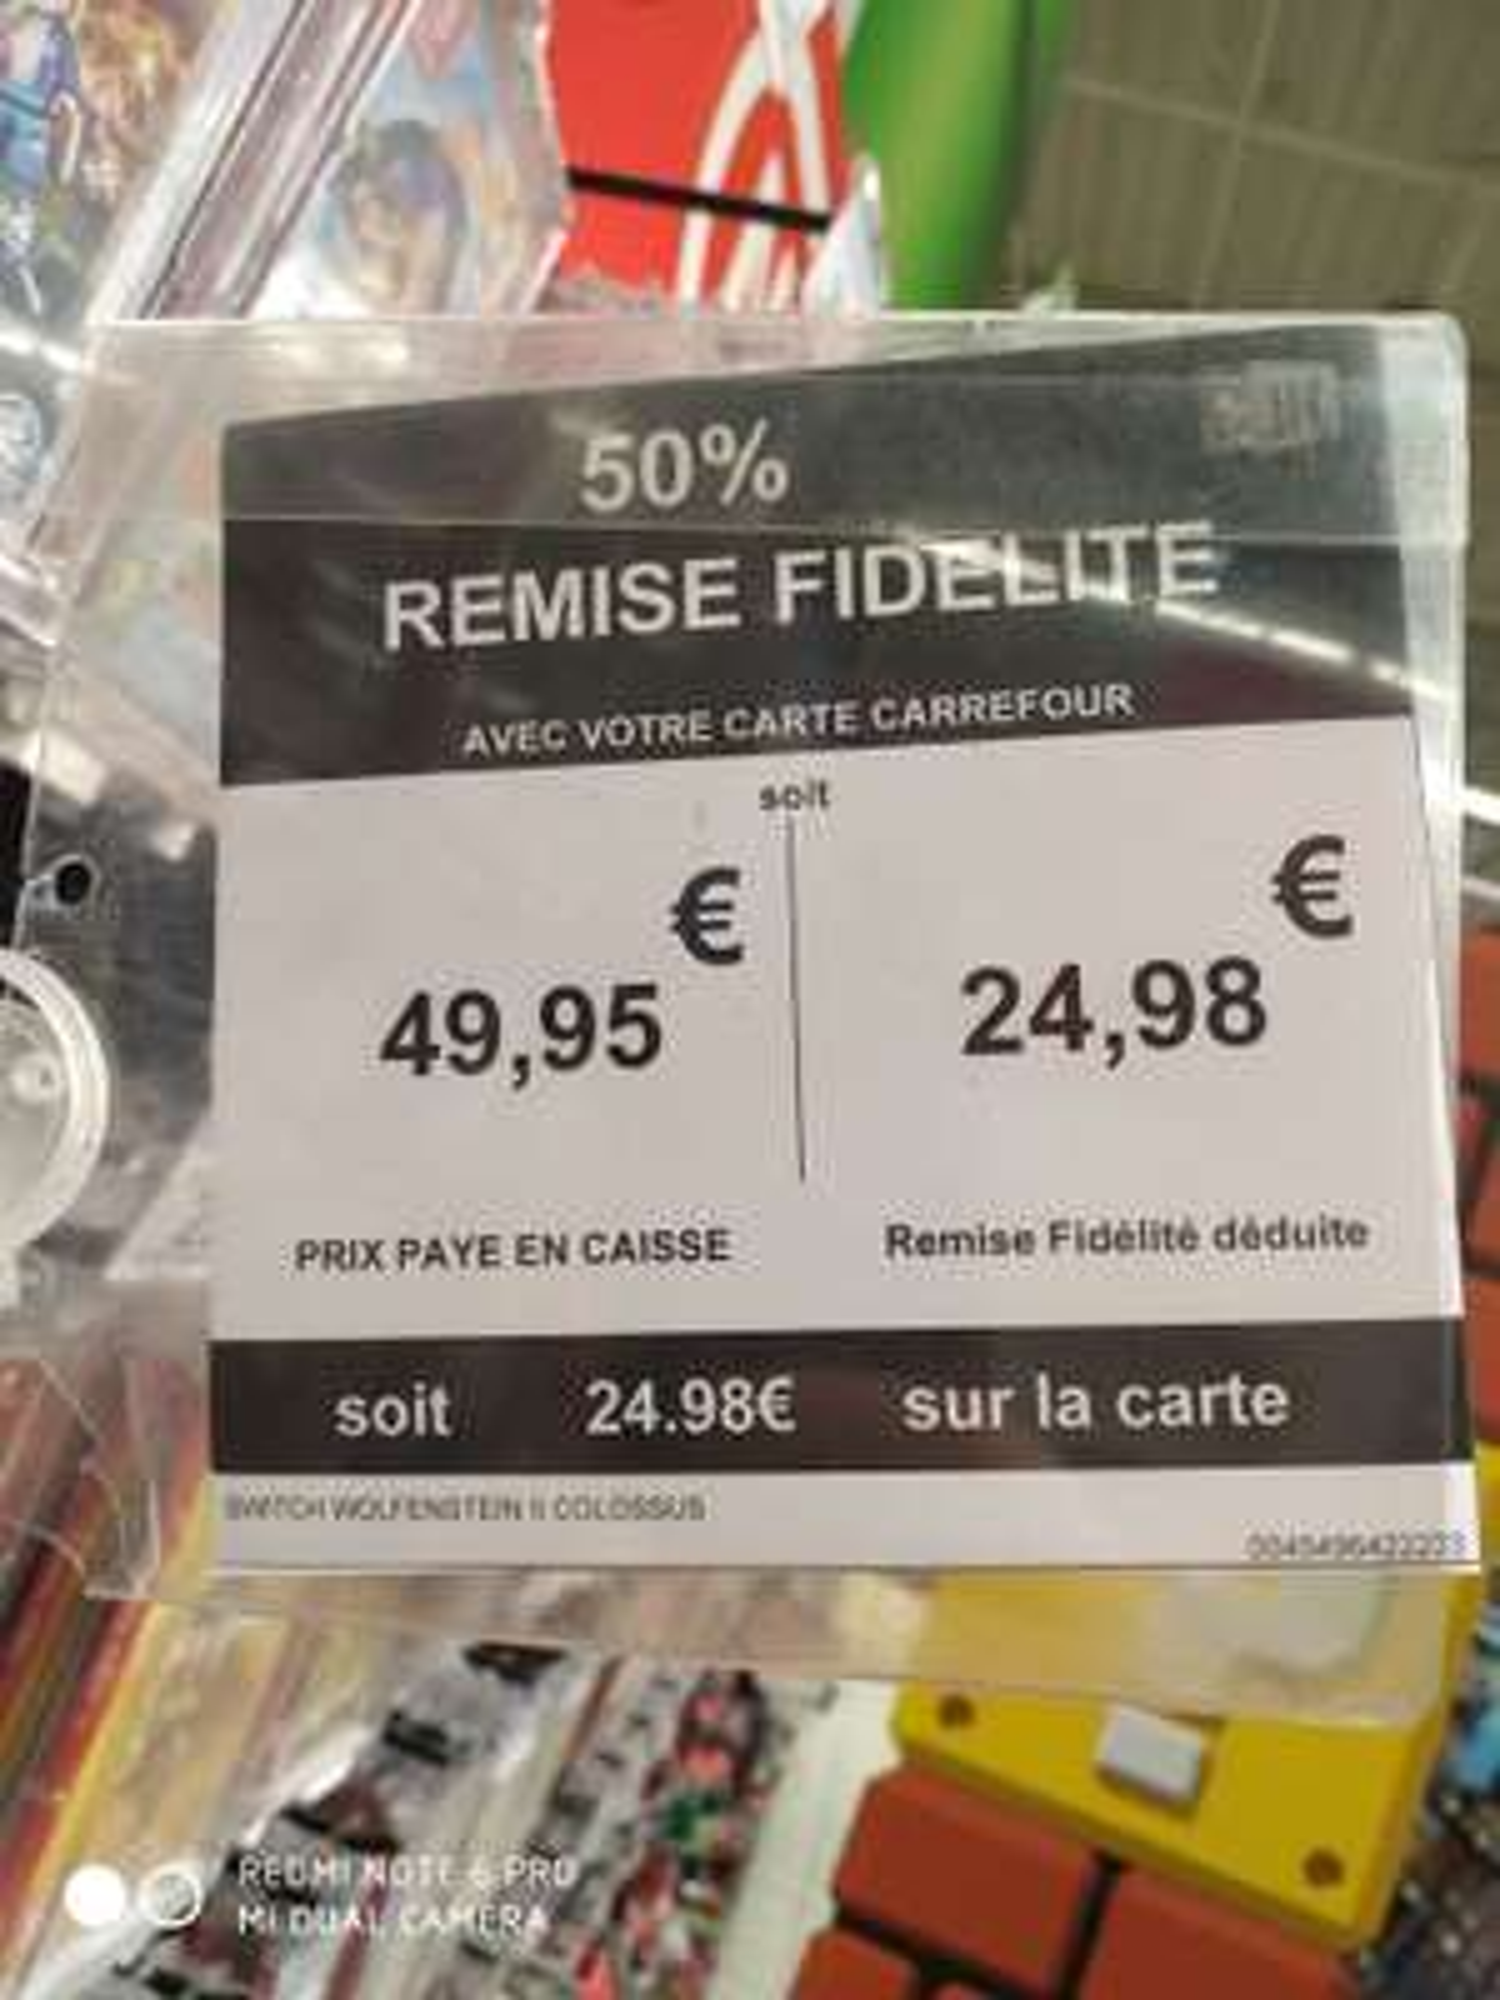 Wolfenstein II: The New Colossus sur Nintendo Switch (Via 24.98€ sur Carte Fidélité) - Aix Les Milles (13)